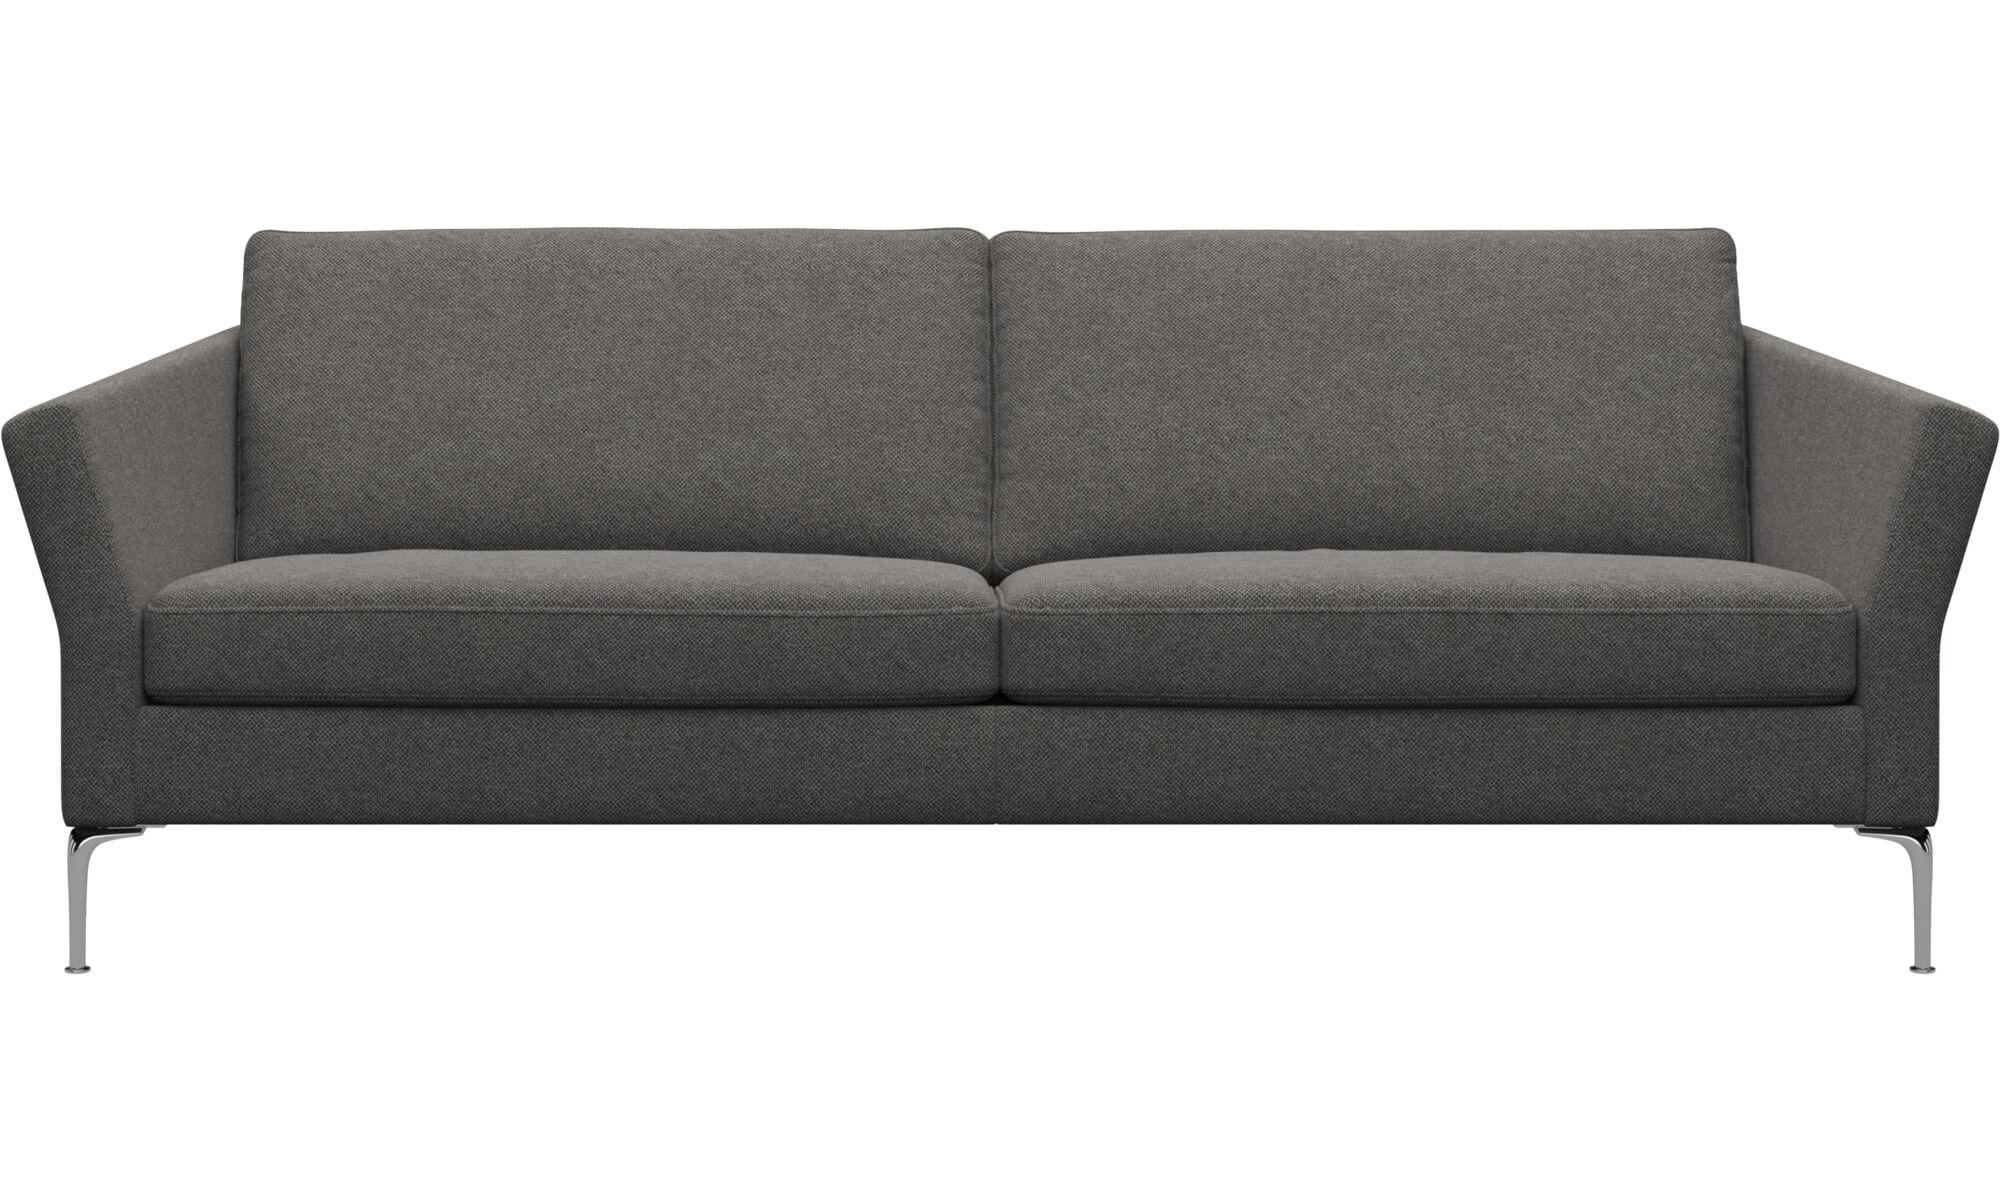 new designs contemporary design from boconcept rh boconcept com